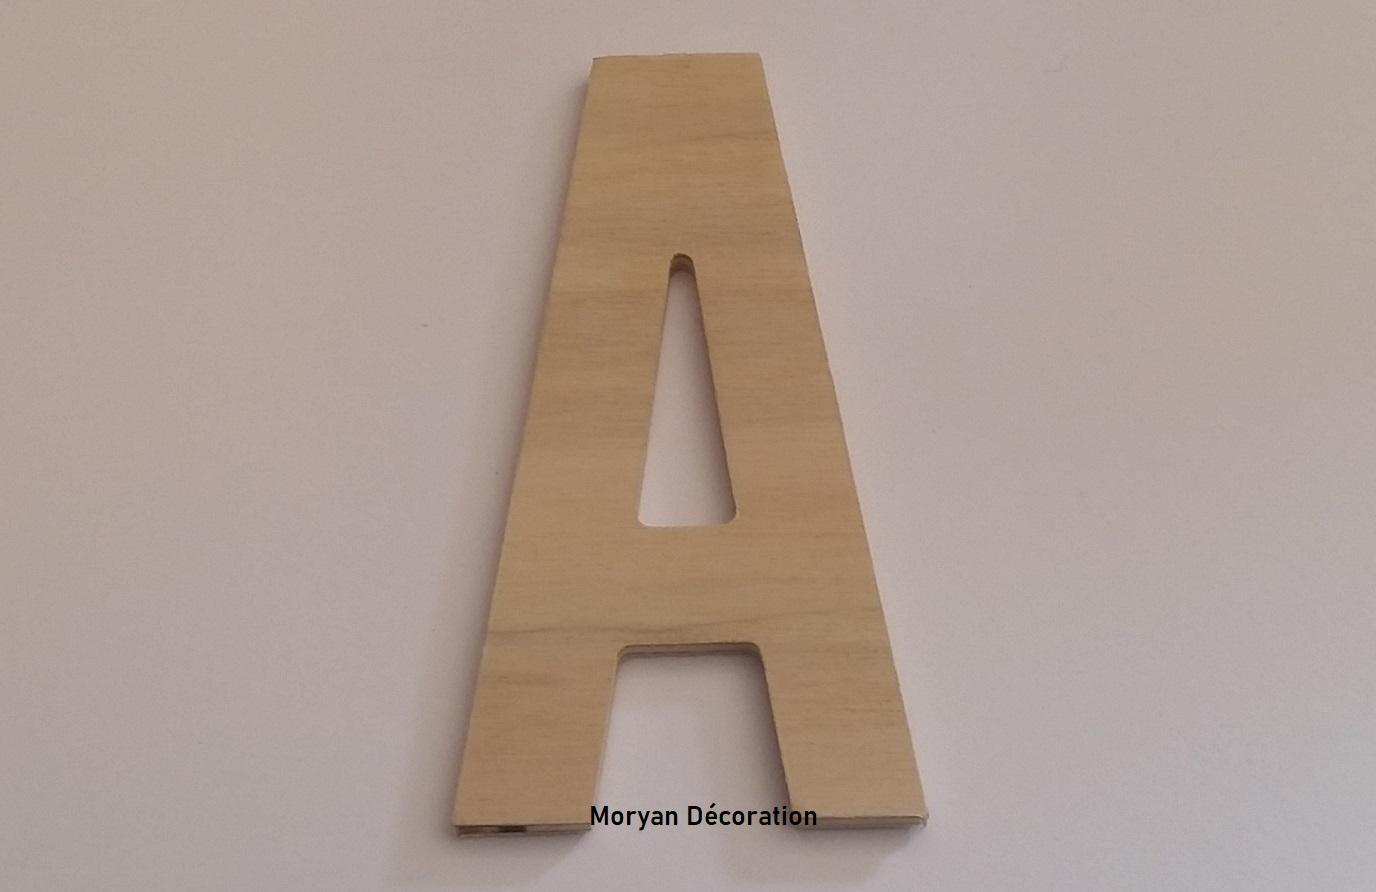 Lettre en bois decorative a peindre alternate gothic